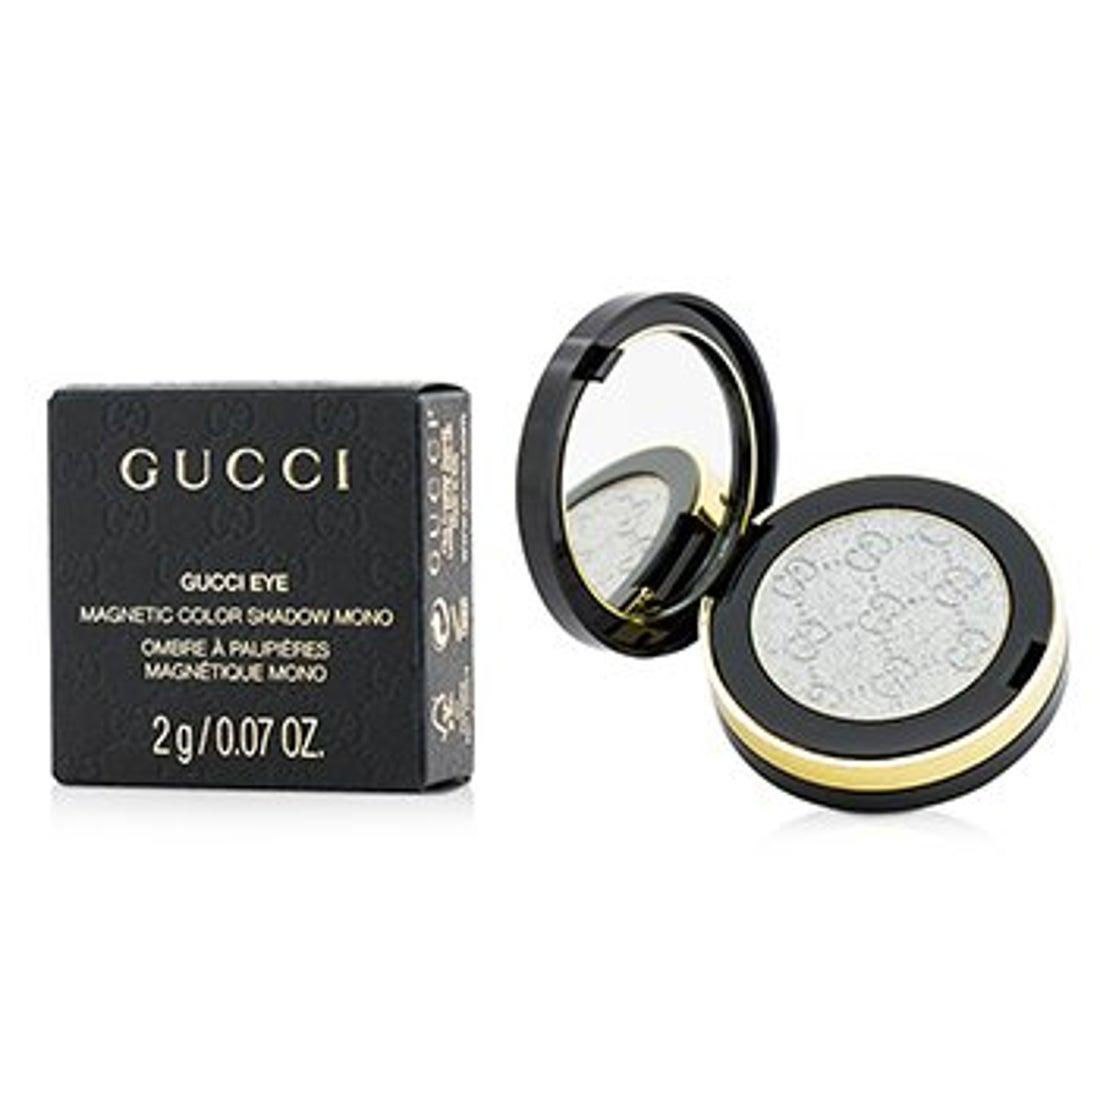 ロコンド 靴とファッションの通販サイトアイシャドウ マグネチック カラー シャドー モノ - #010 Liquid Silver